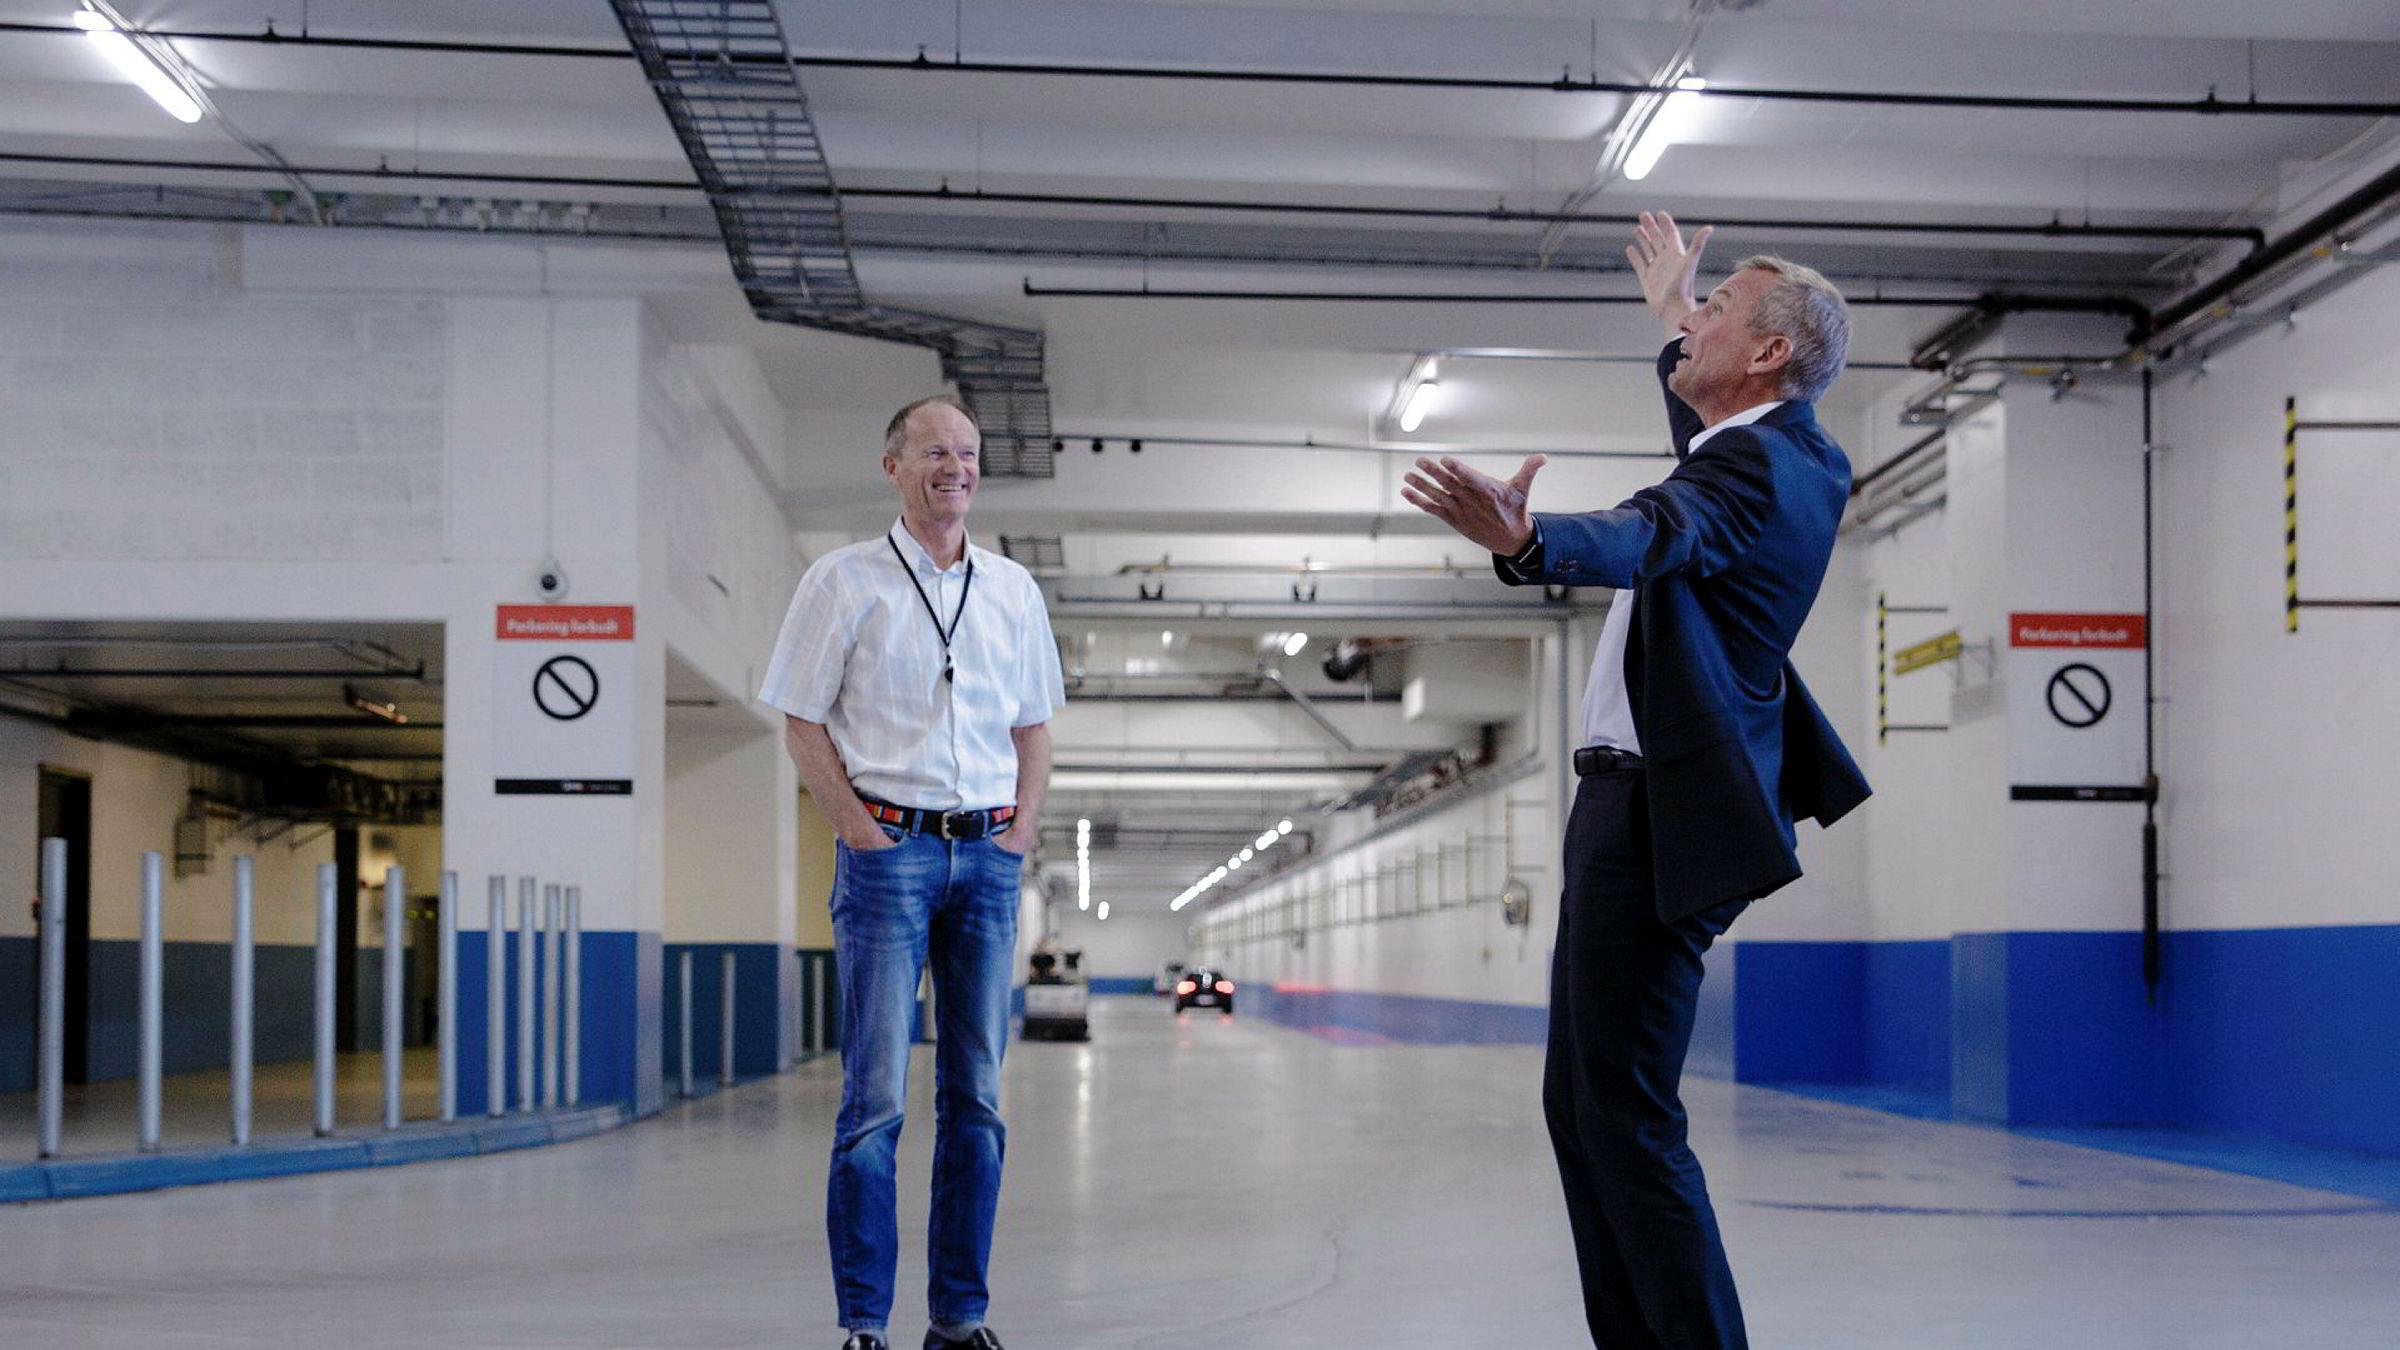 Administrerende direktør Rolf Thorsen i Oslo S Utvikling viser Gunnar Gjørtz i KLP Eiendom hvor god plass det er i kjelleren under Barcode-rekken.